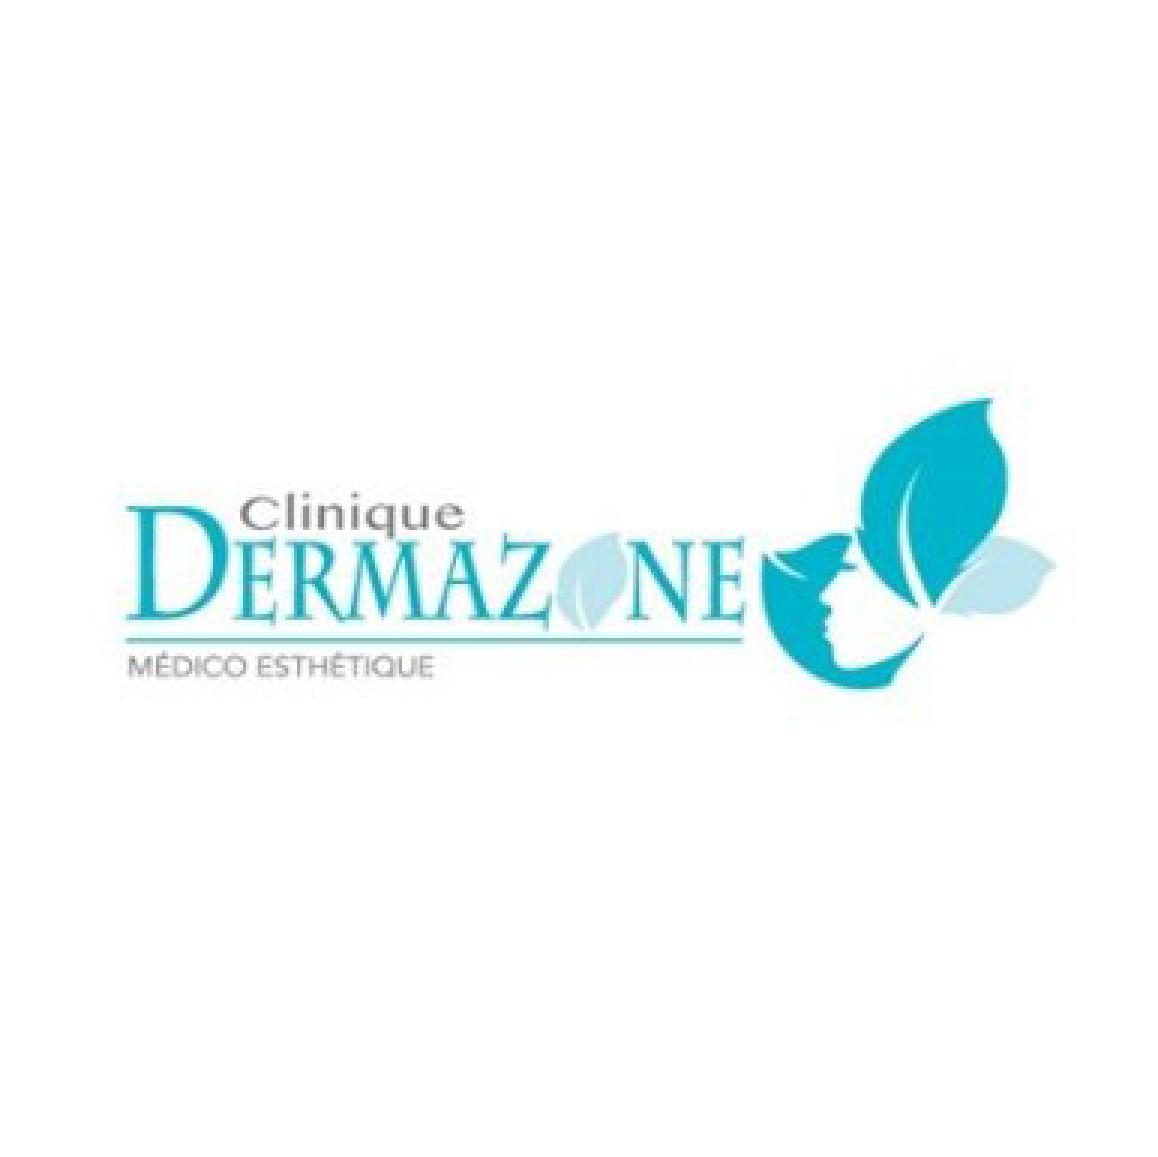 Dermazone clinique